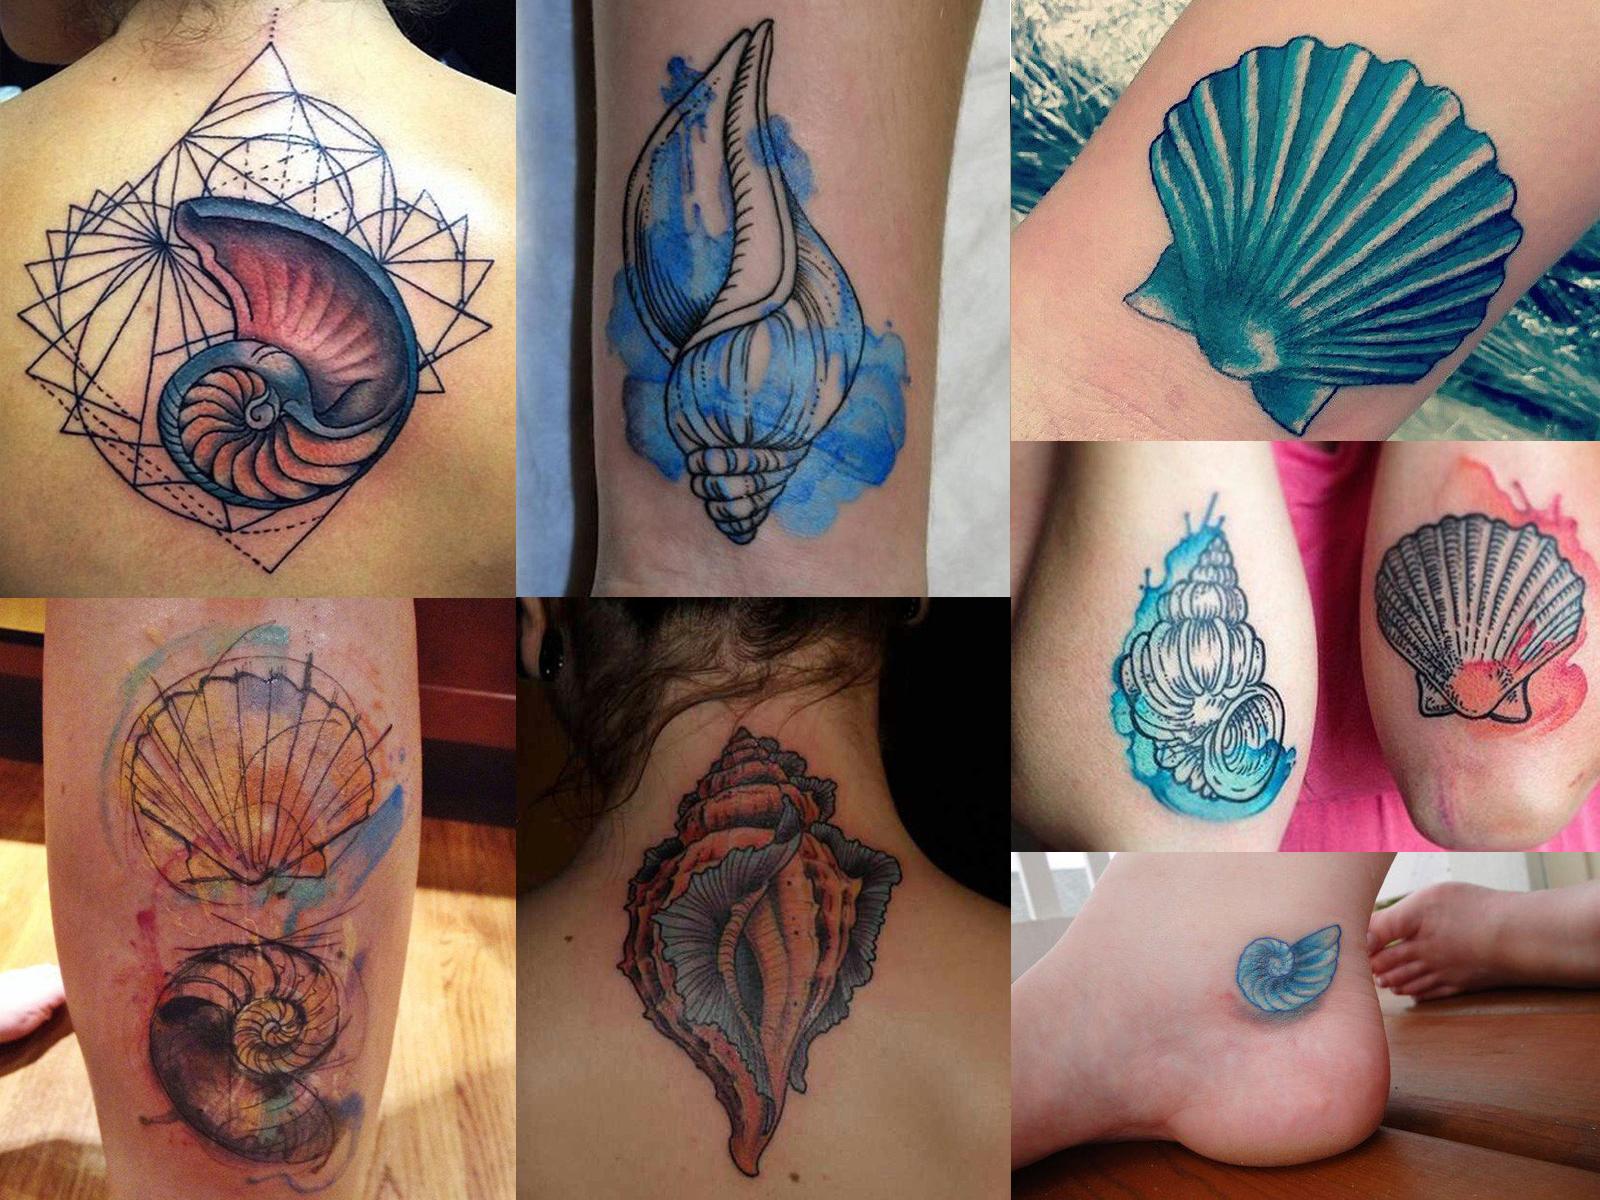 Tatuagens de conchas com técnicas de aquarela